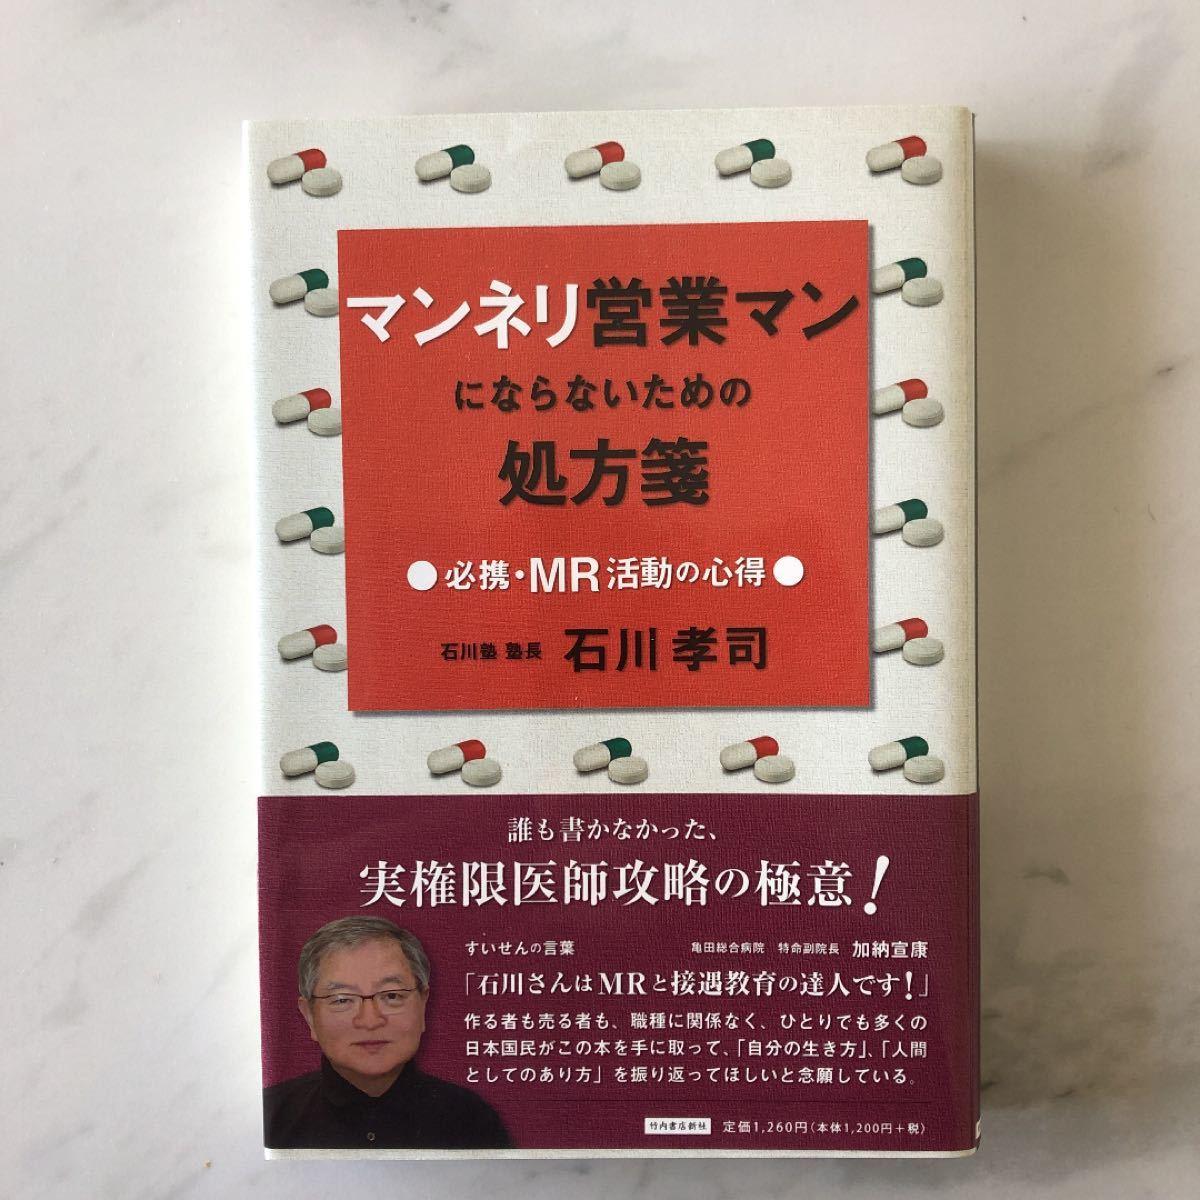 「マンネリ営業マンにならないための処方箋 必携・MR活動の心得」